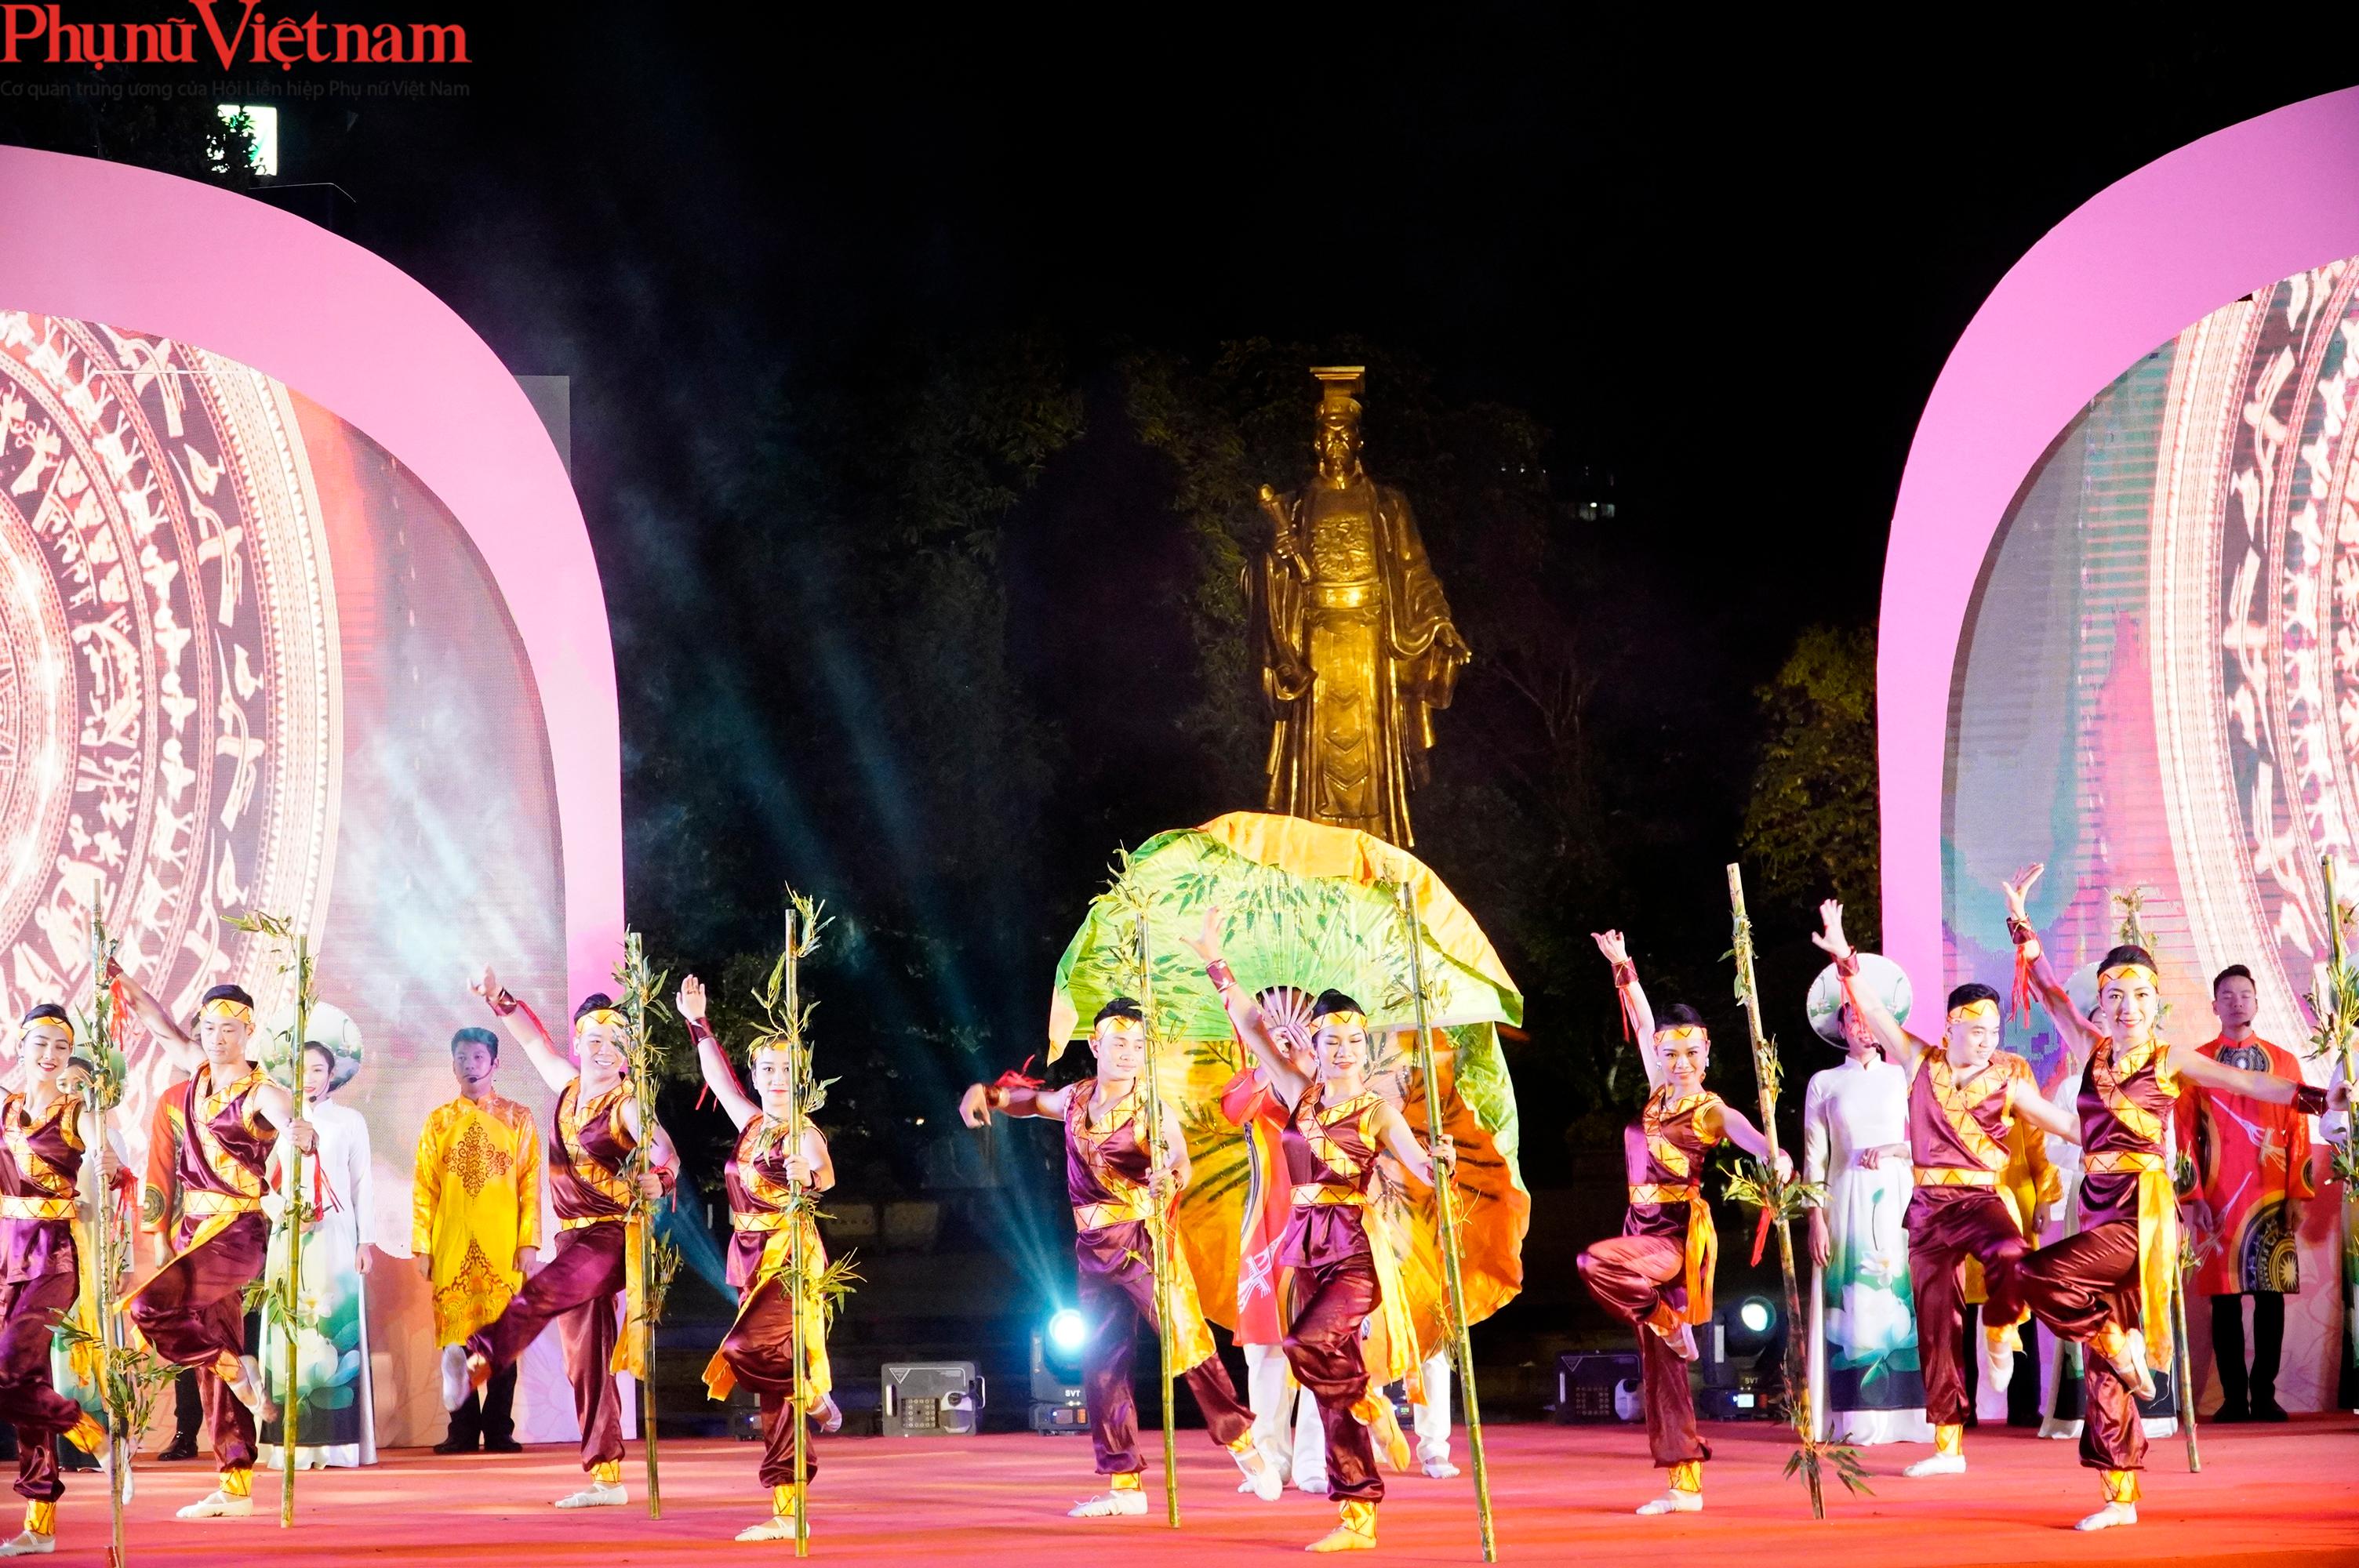 Phụ nữ Hà Nội giao lưu văn hóa, du lịch và sản phẩm sáng tạo với các tỉnh thành thuộc Đồng bằng sông Hồng - Ảnh 6.